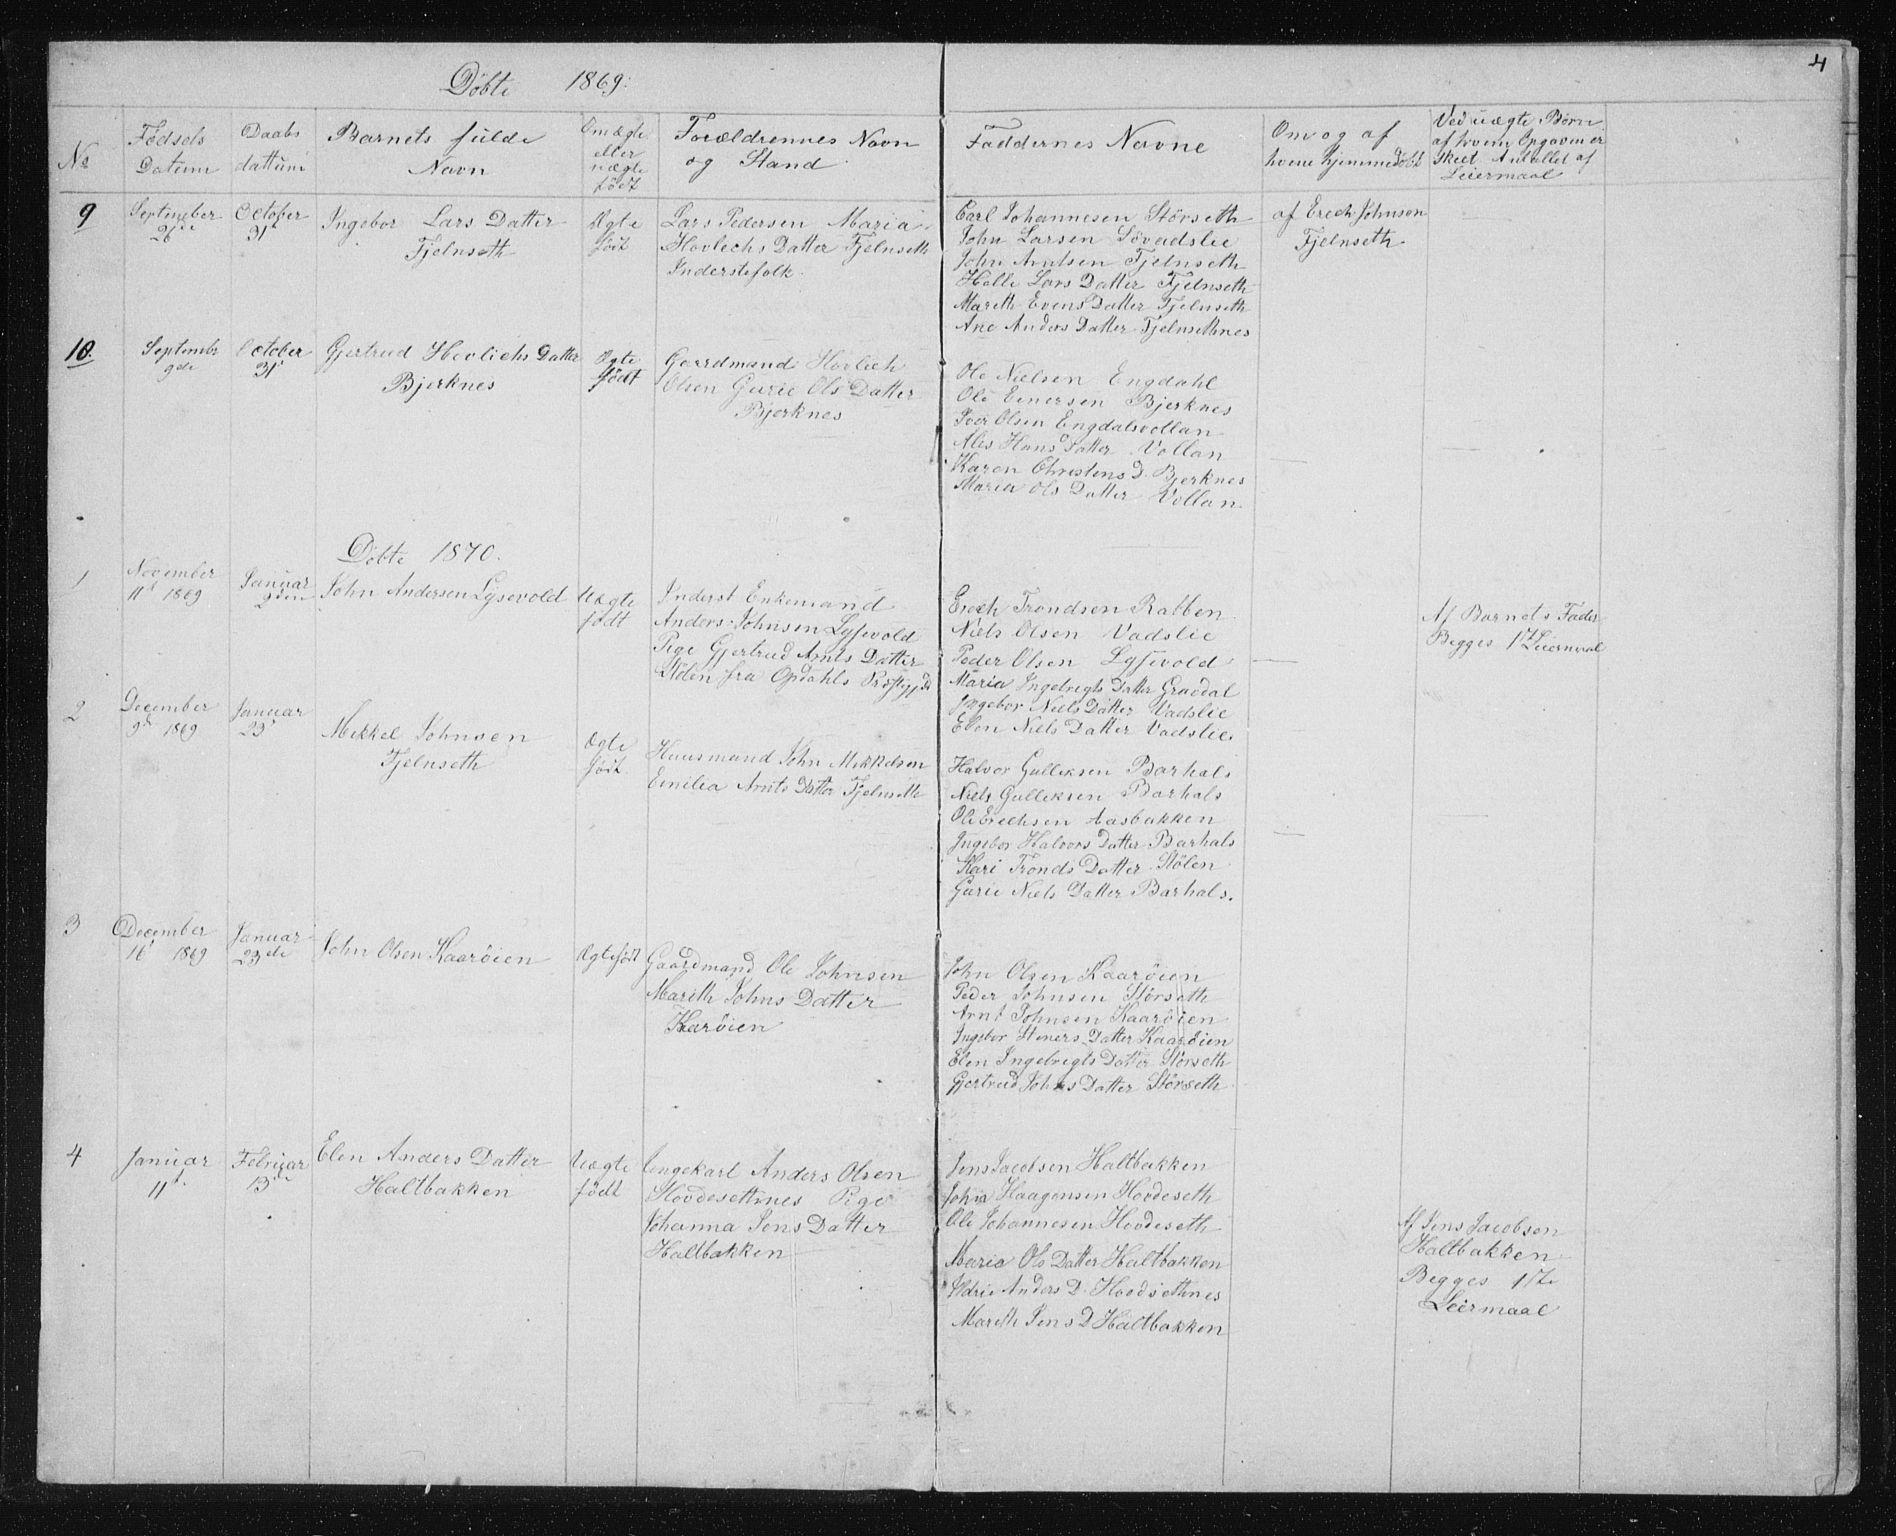 SAT, Ministerialprotokoller, klokkerbøker og fødselsregistre - Sør-Trøndelag, 631/L0513: Klokkerbok nr. 631C01, 1869-1879, s. 4